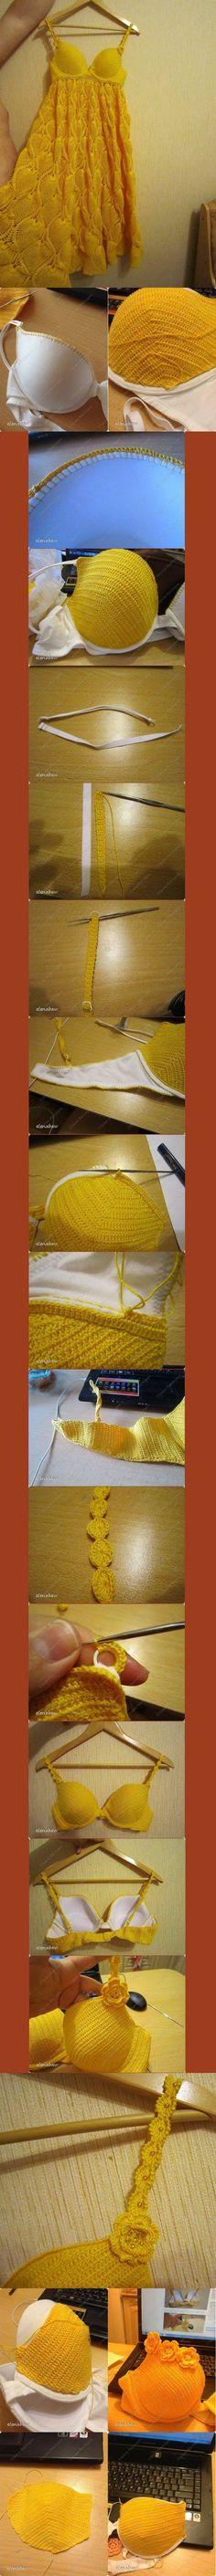 Обвязка бюстгальтера крючком или верх для летнего платья